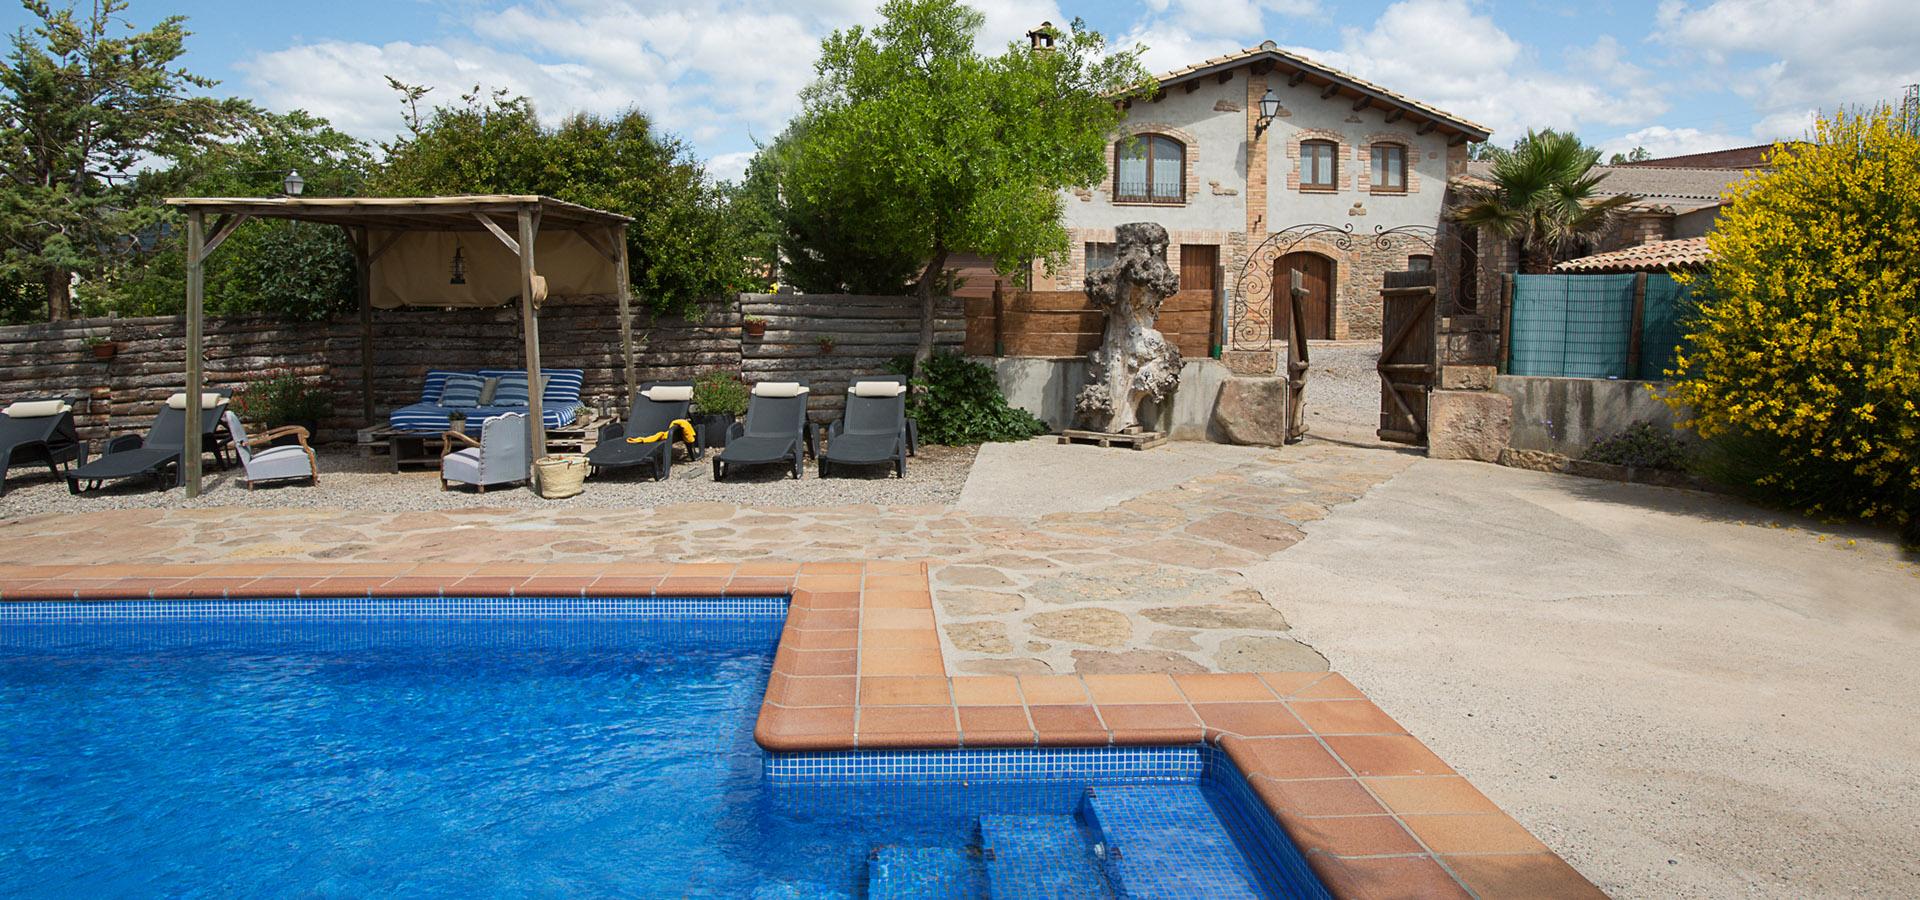 Casa rural marcus olius lleida - Casas rurales lleida piscina ...